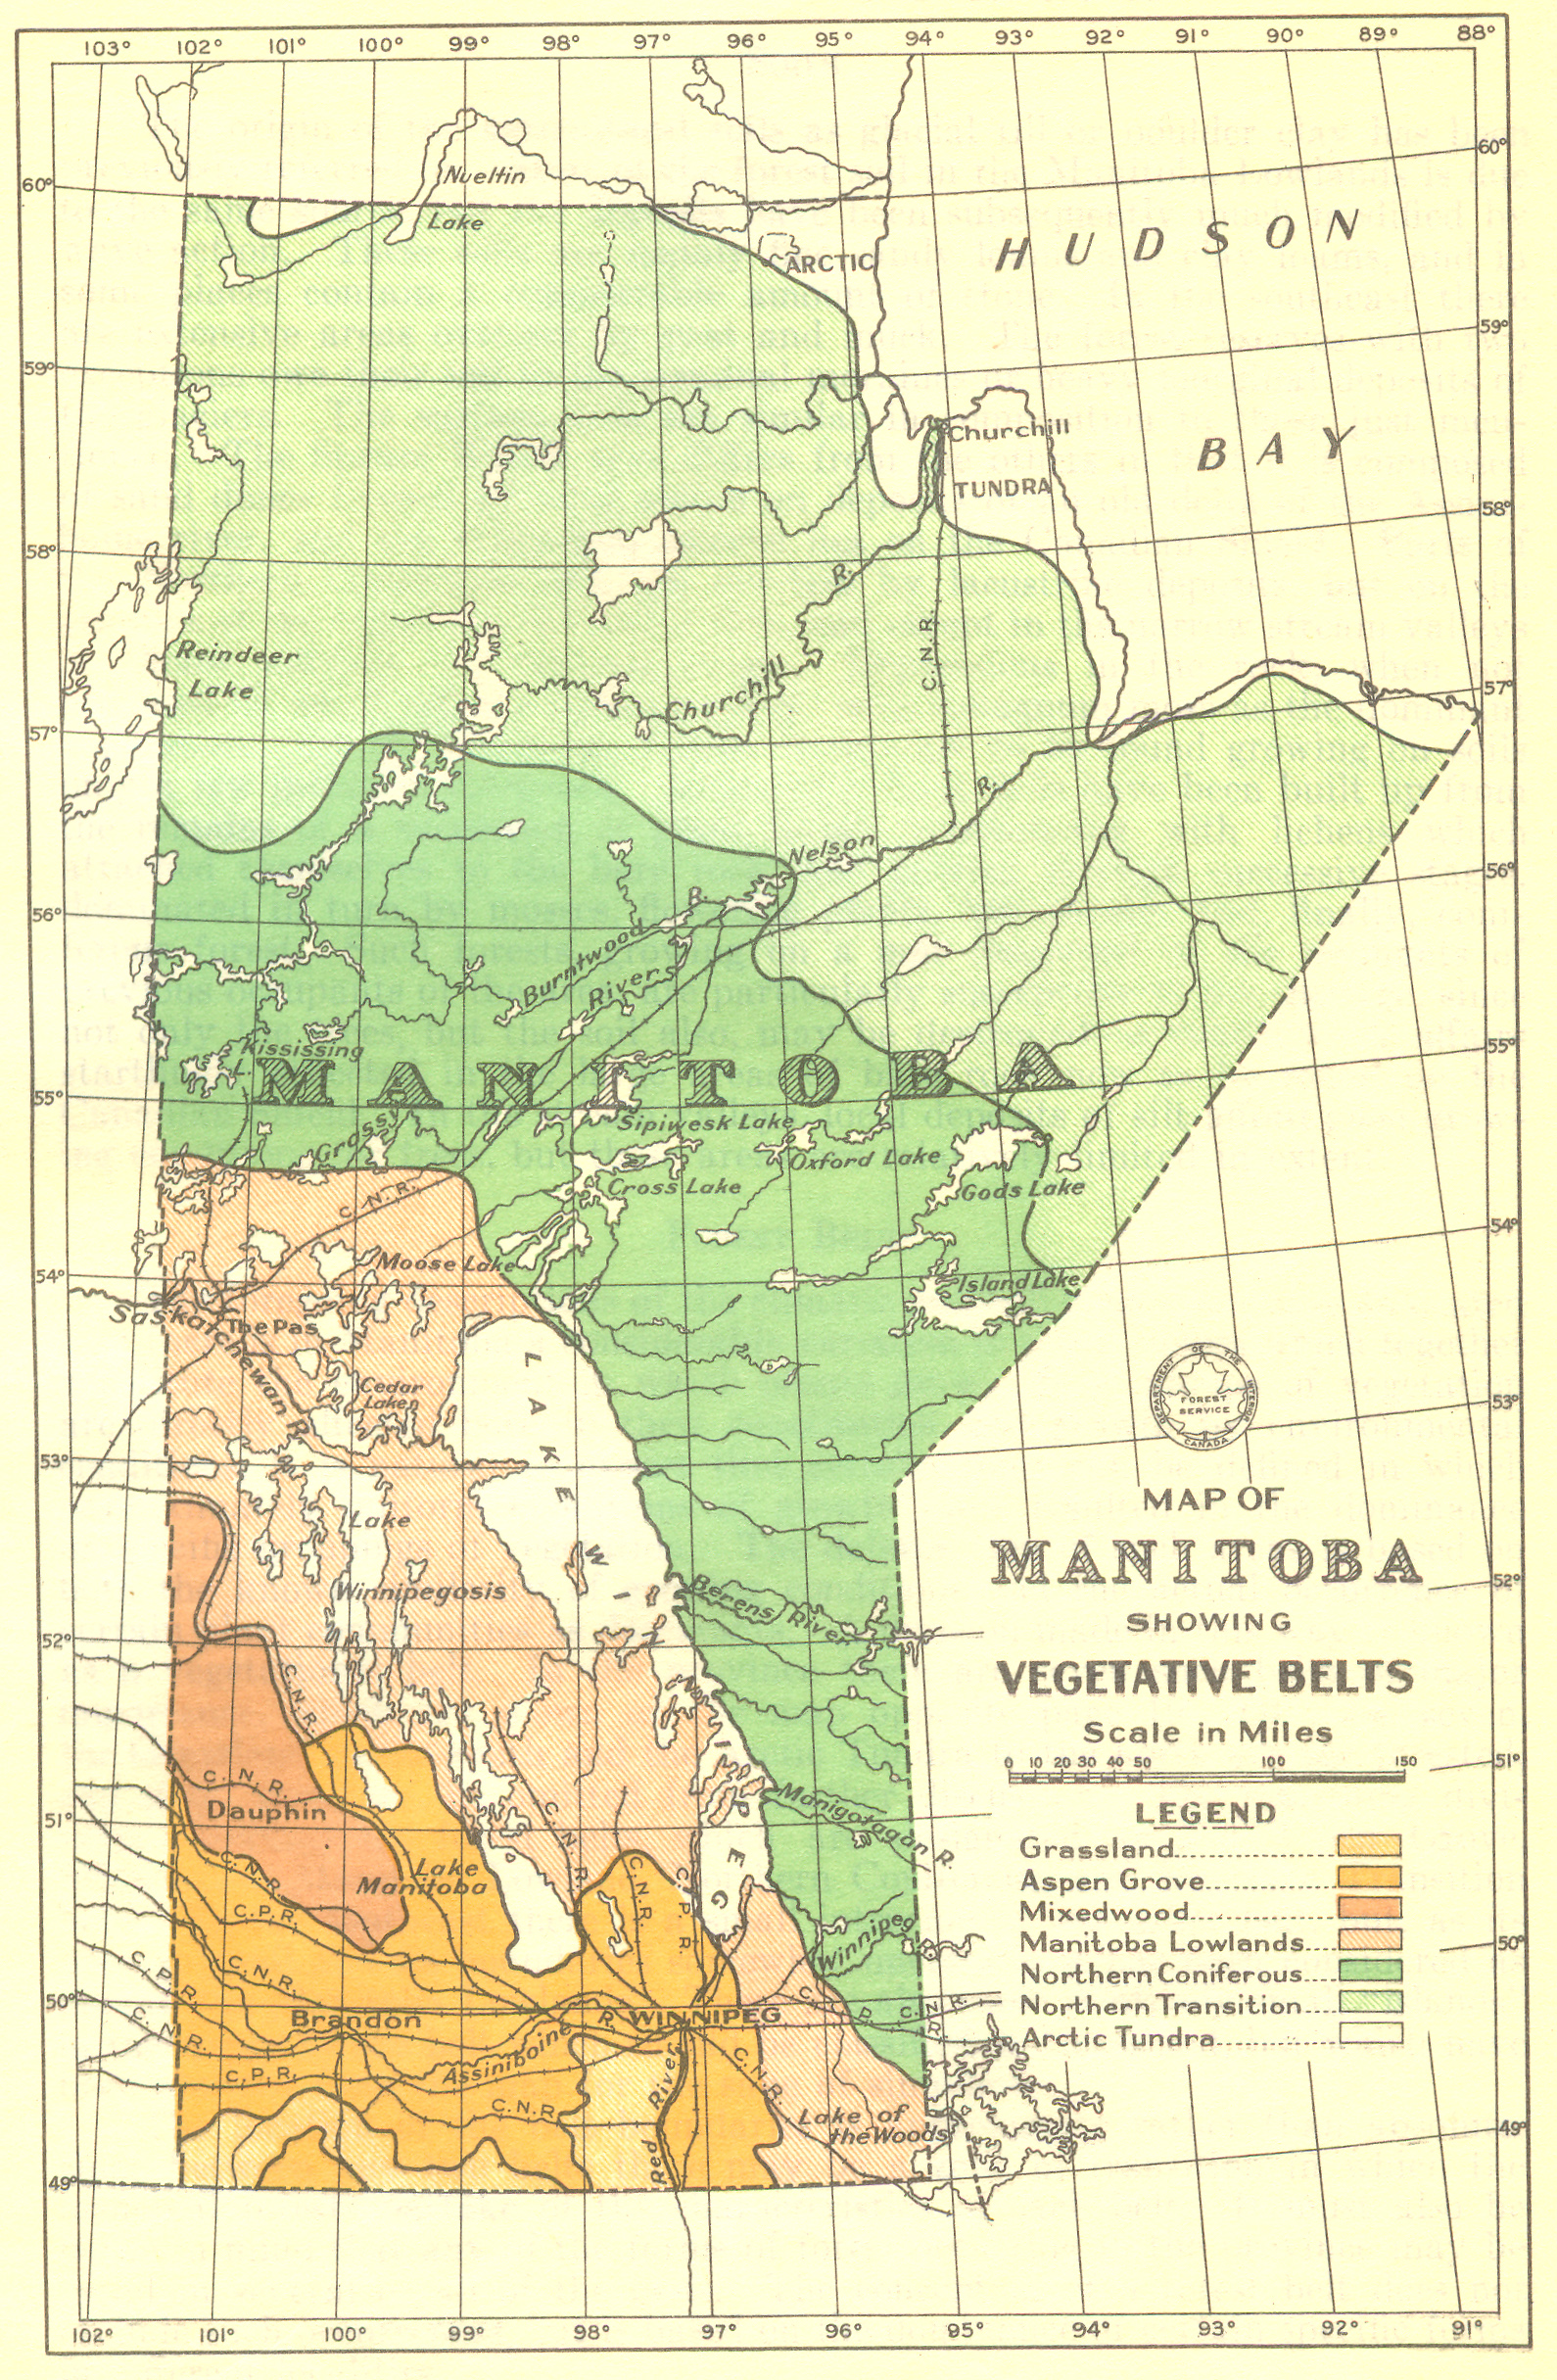 FileMap Of Manitoba Showing Vegetative Belts Jpg - Map of manitoba